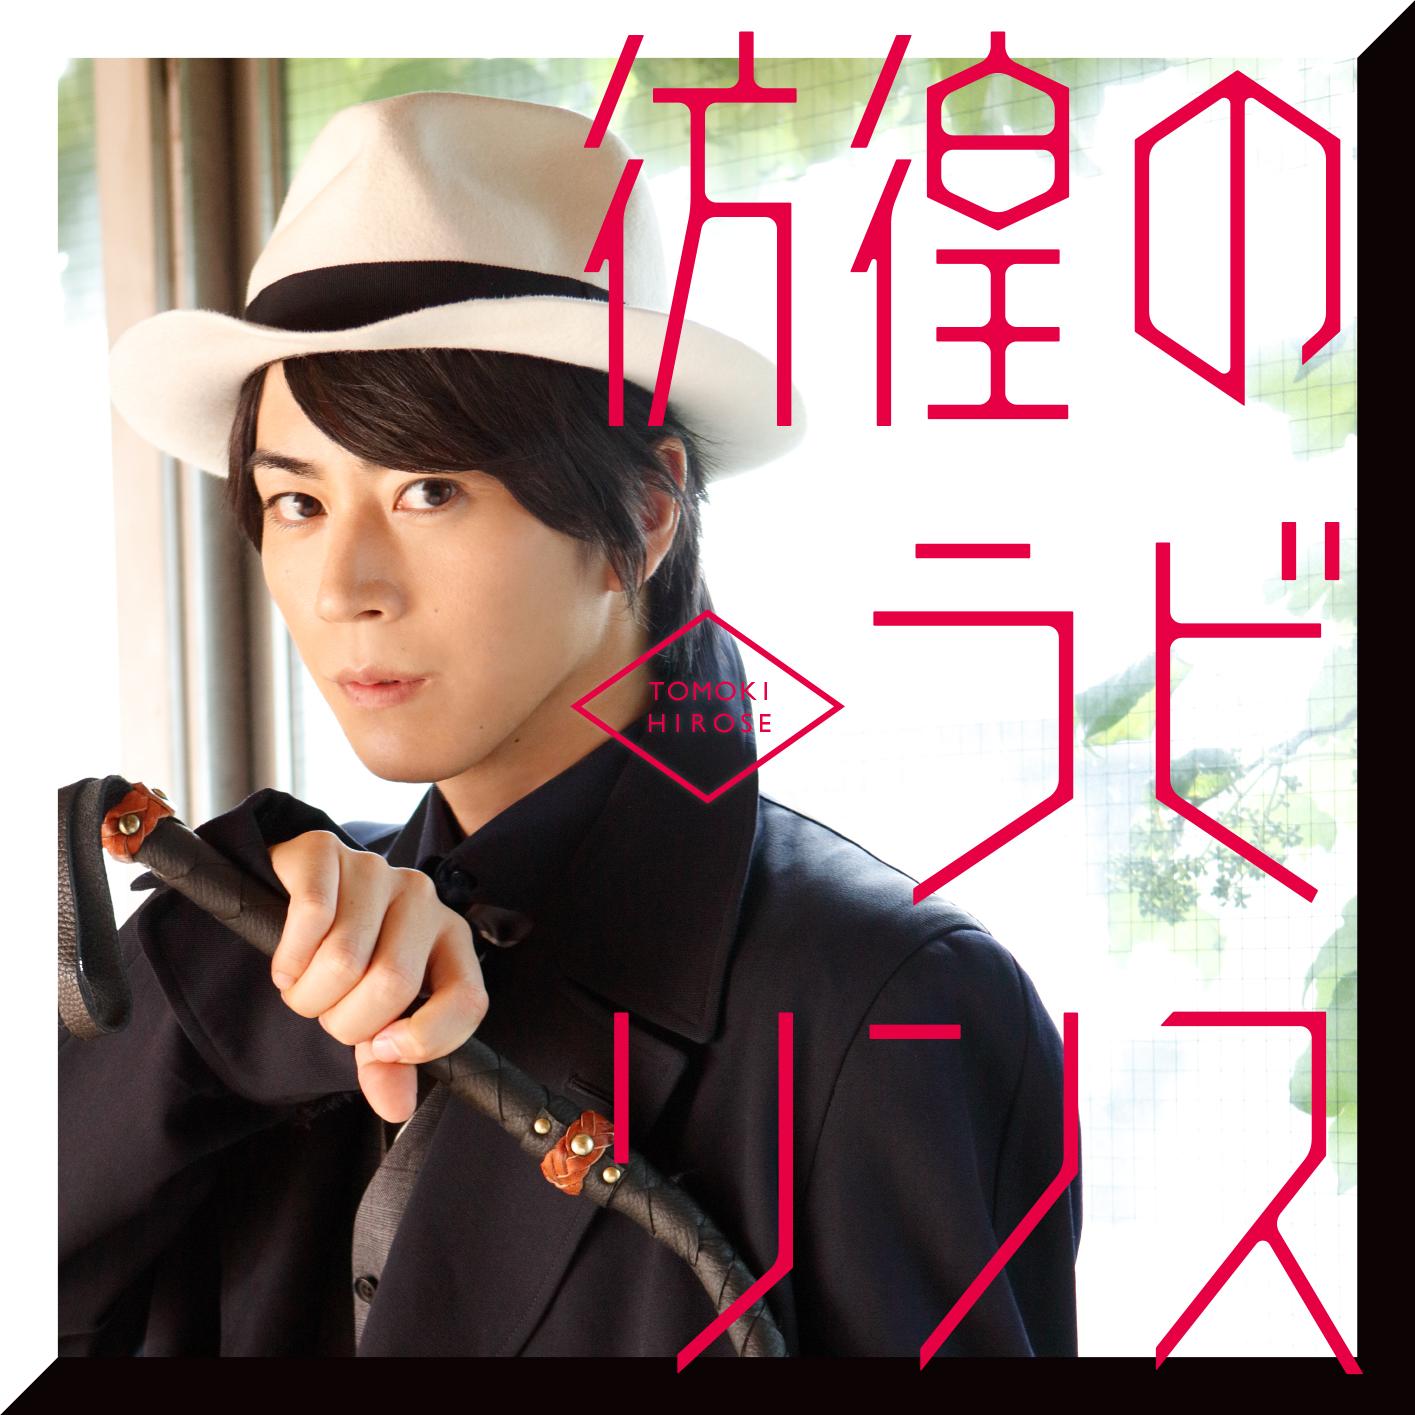 映画『探偵は、今夜も憂鬱な夢を見る。2』CD「彷徨のラビリンス」廣瀬智紀